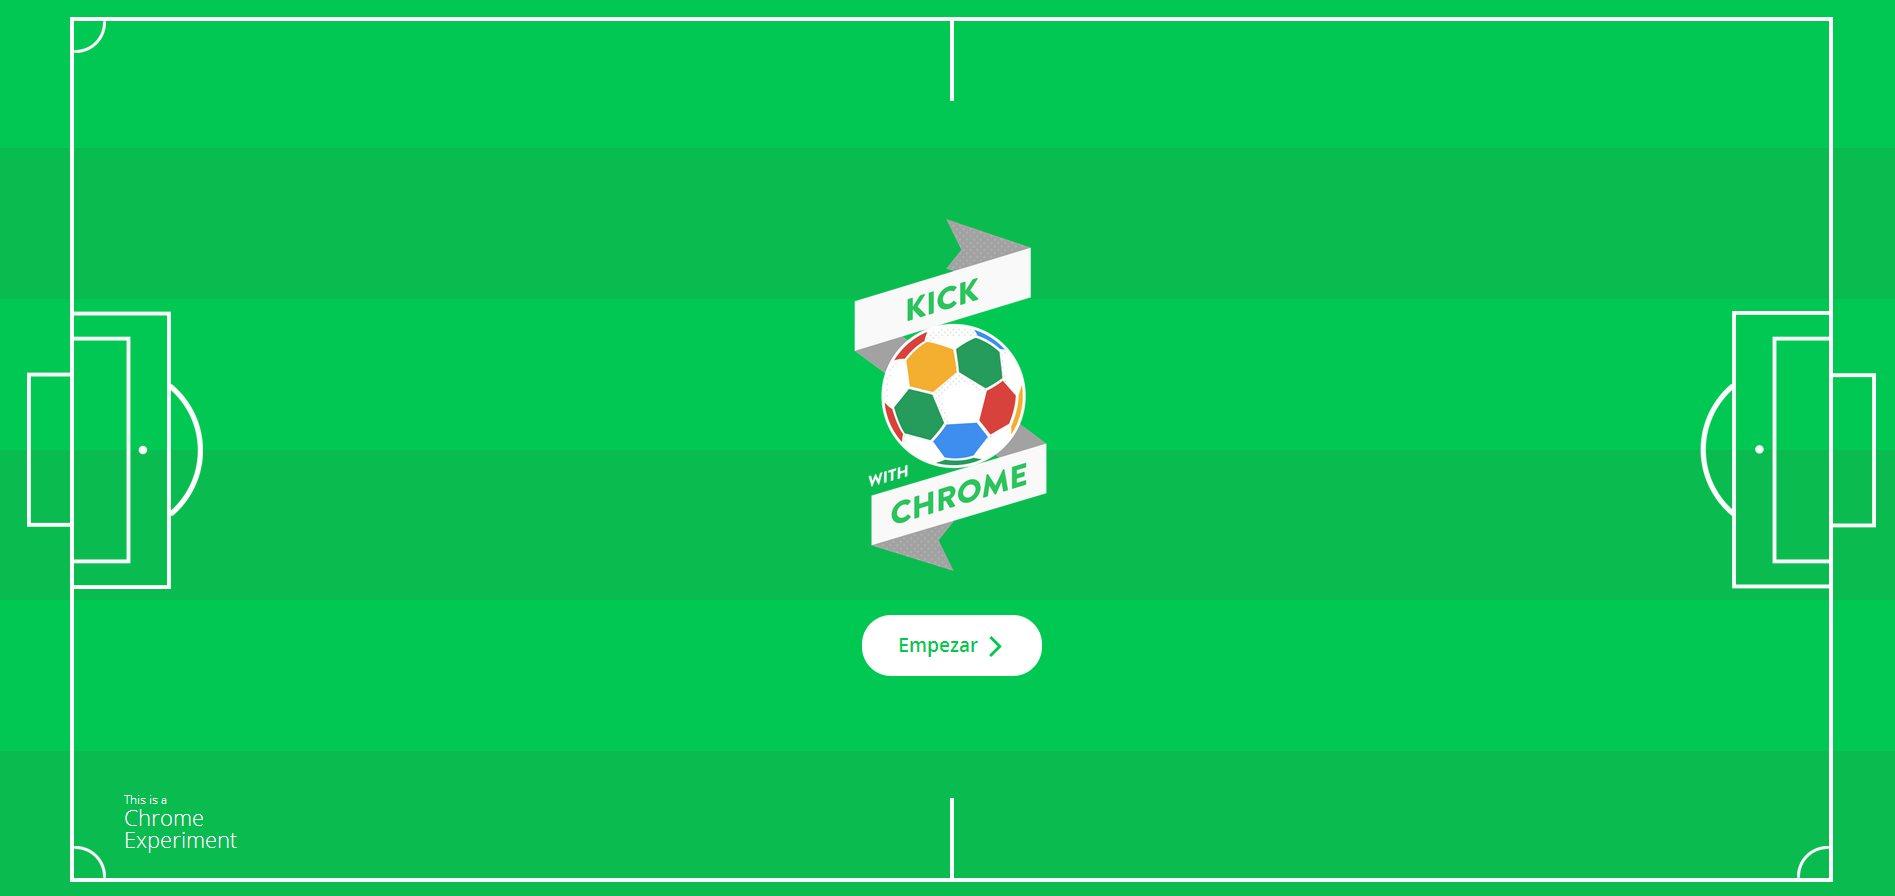 Un experimento de Google para fans del fútbol